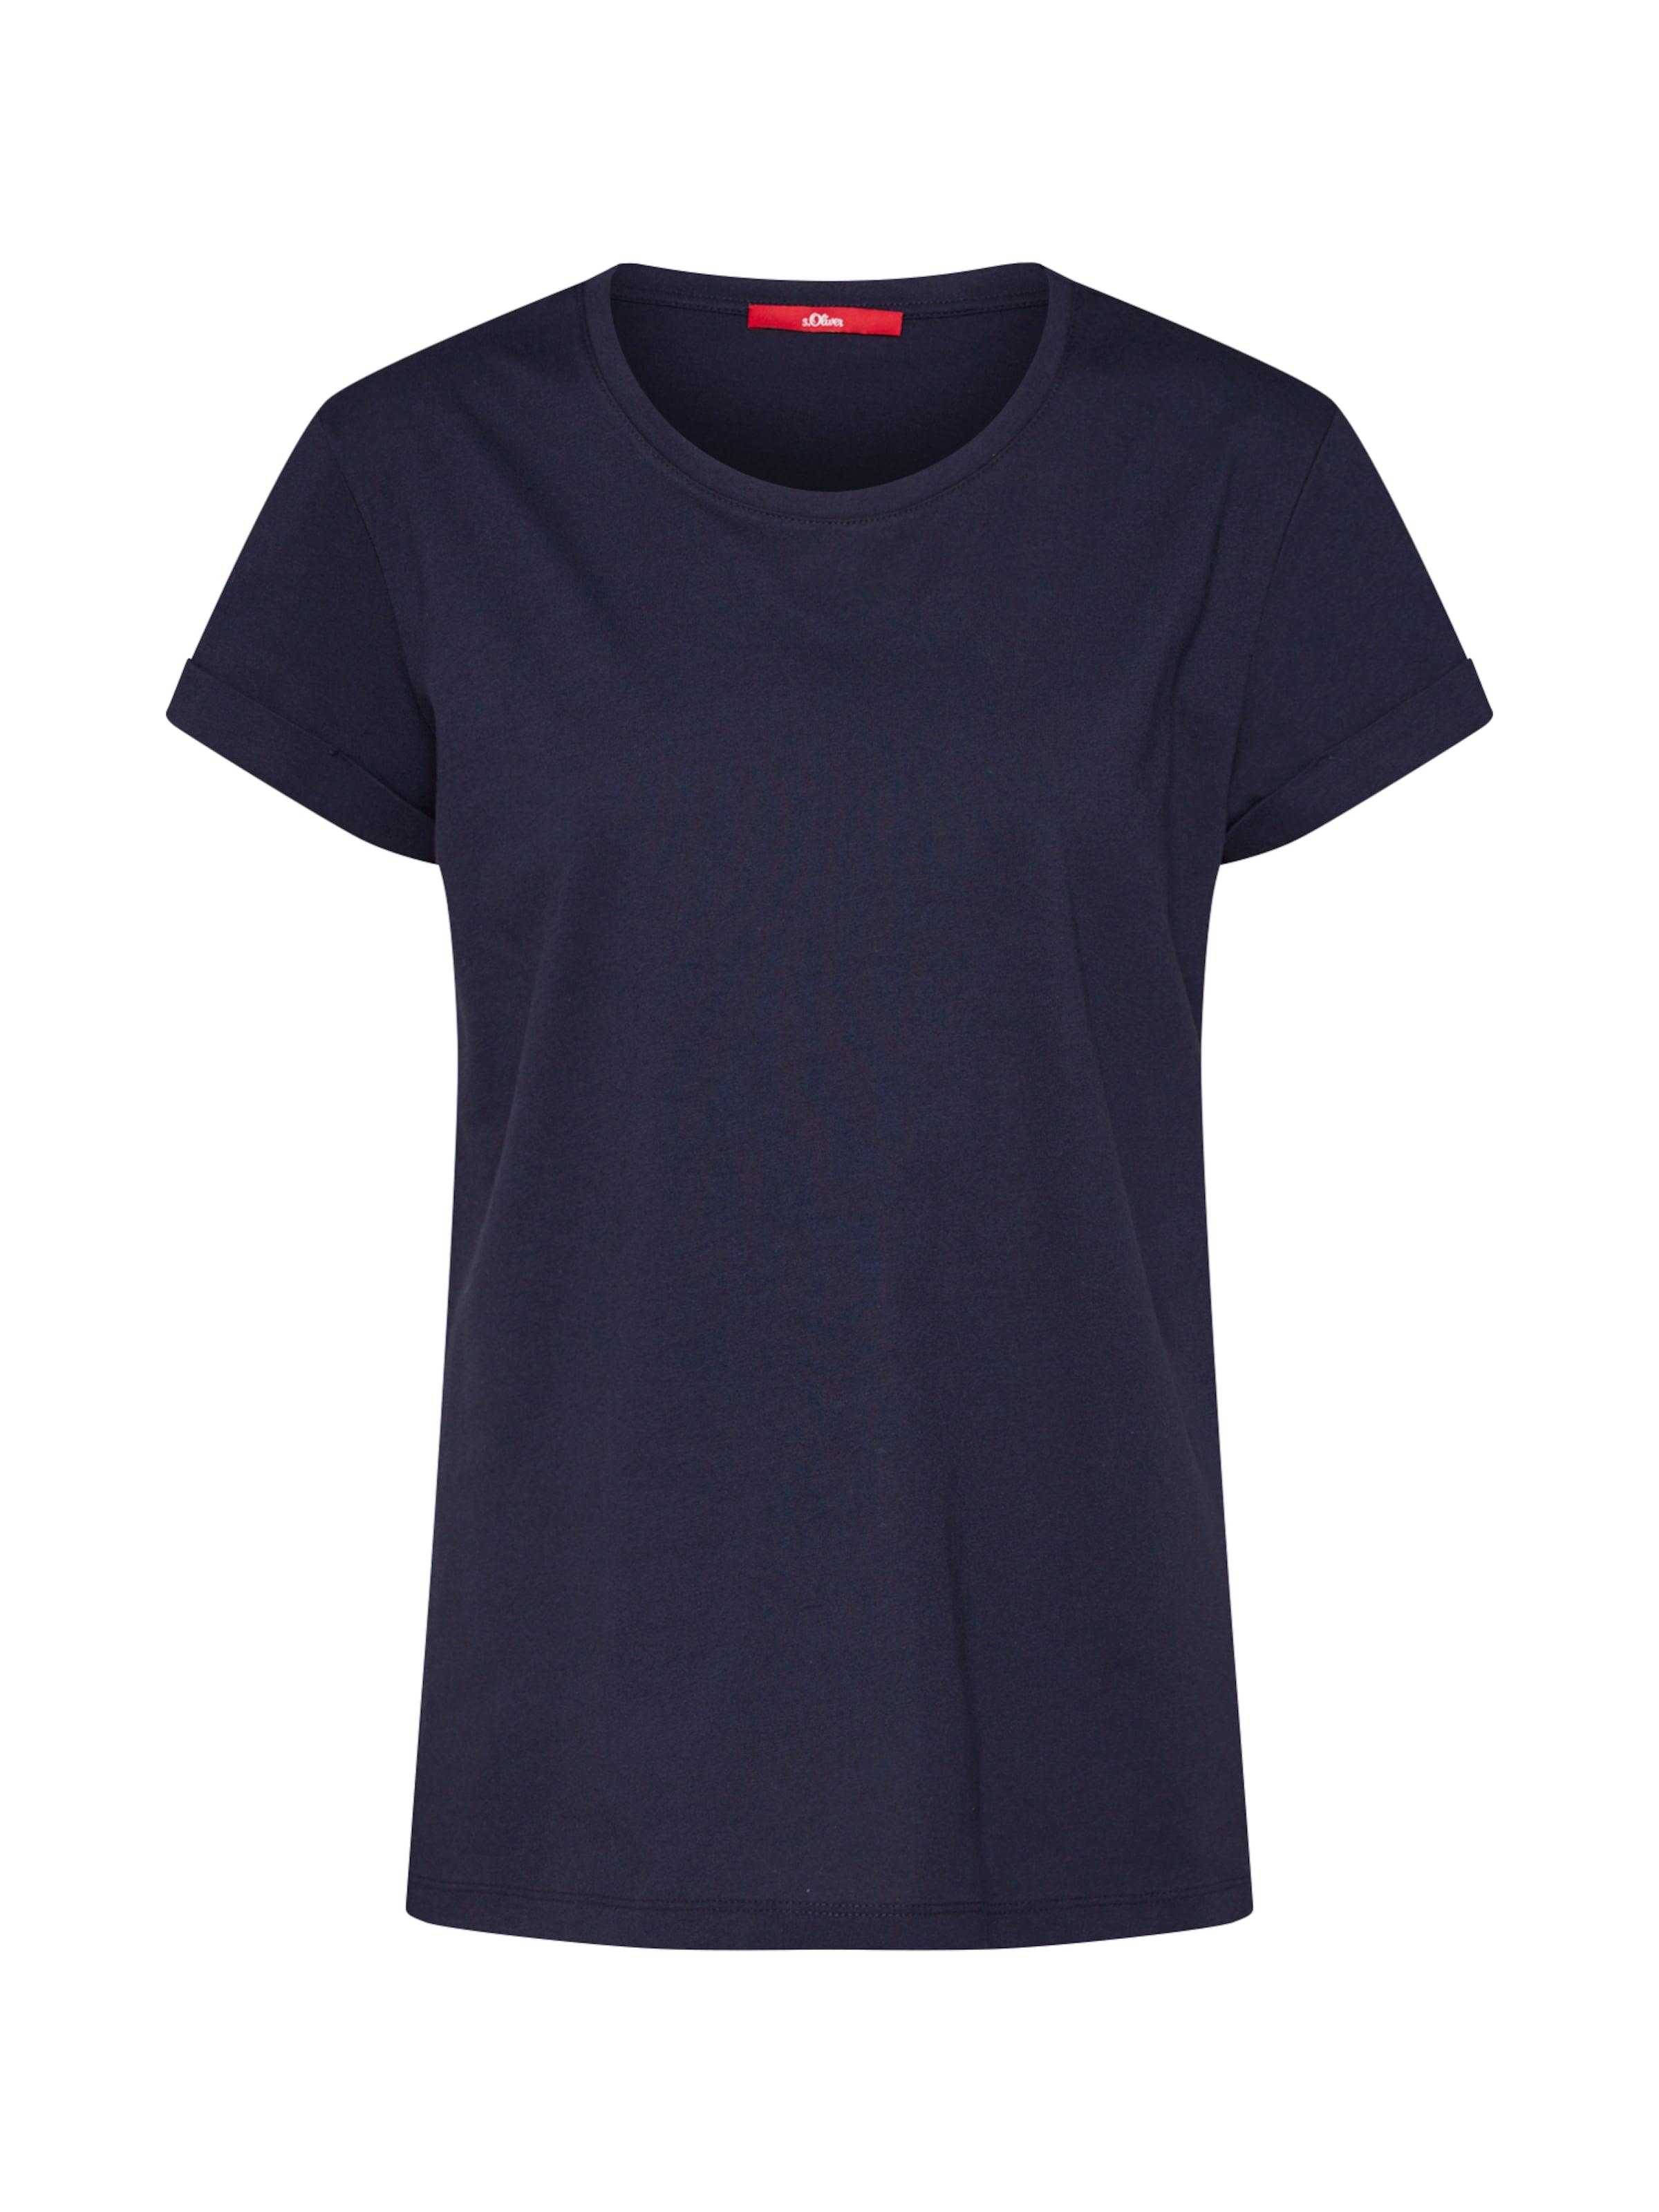 S shirt T oliver Red Citron En Label BdoEQrCWxe